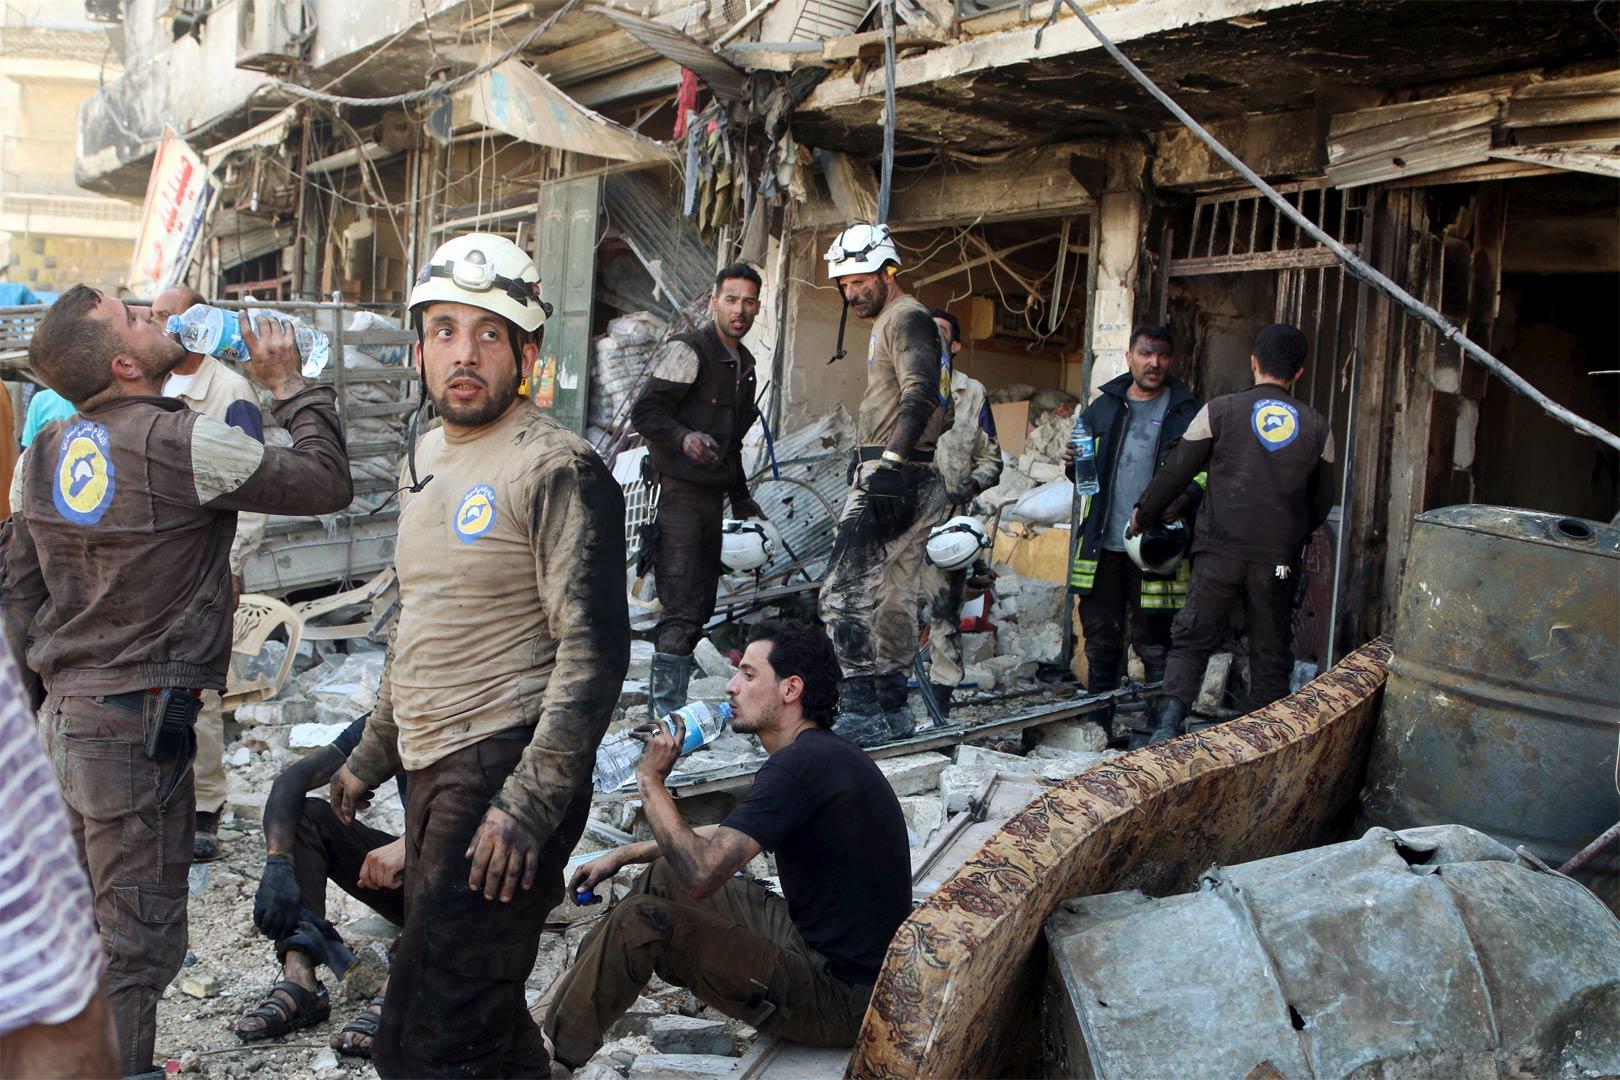 Guerra civil en Siria: muertos por doquier